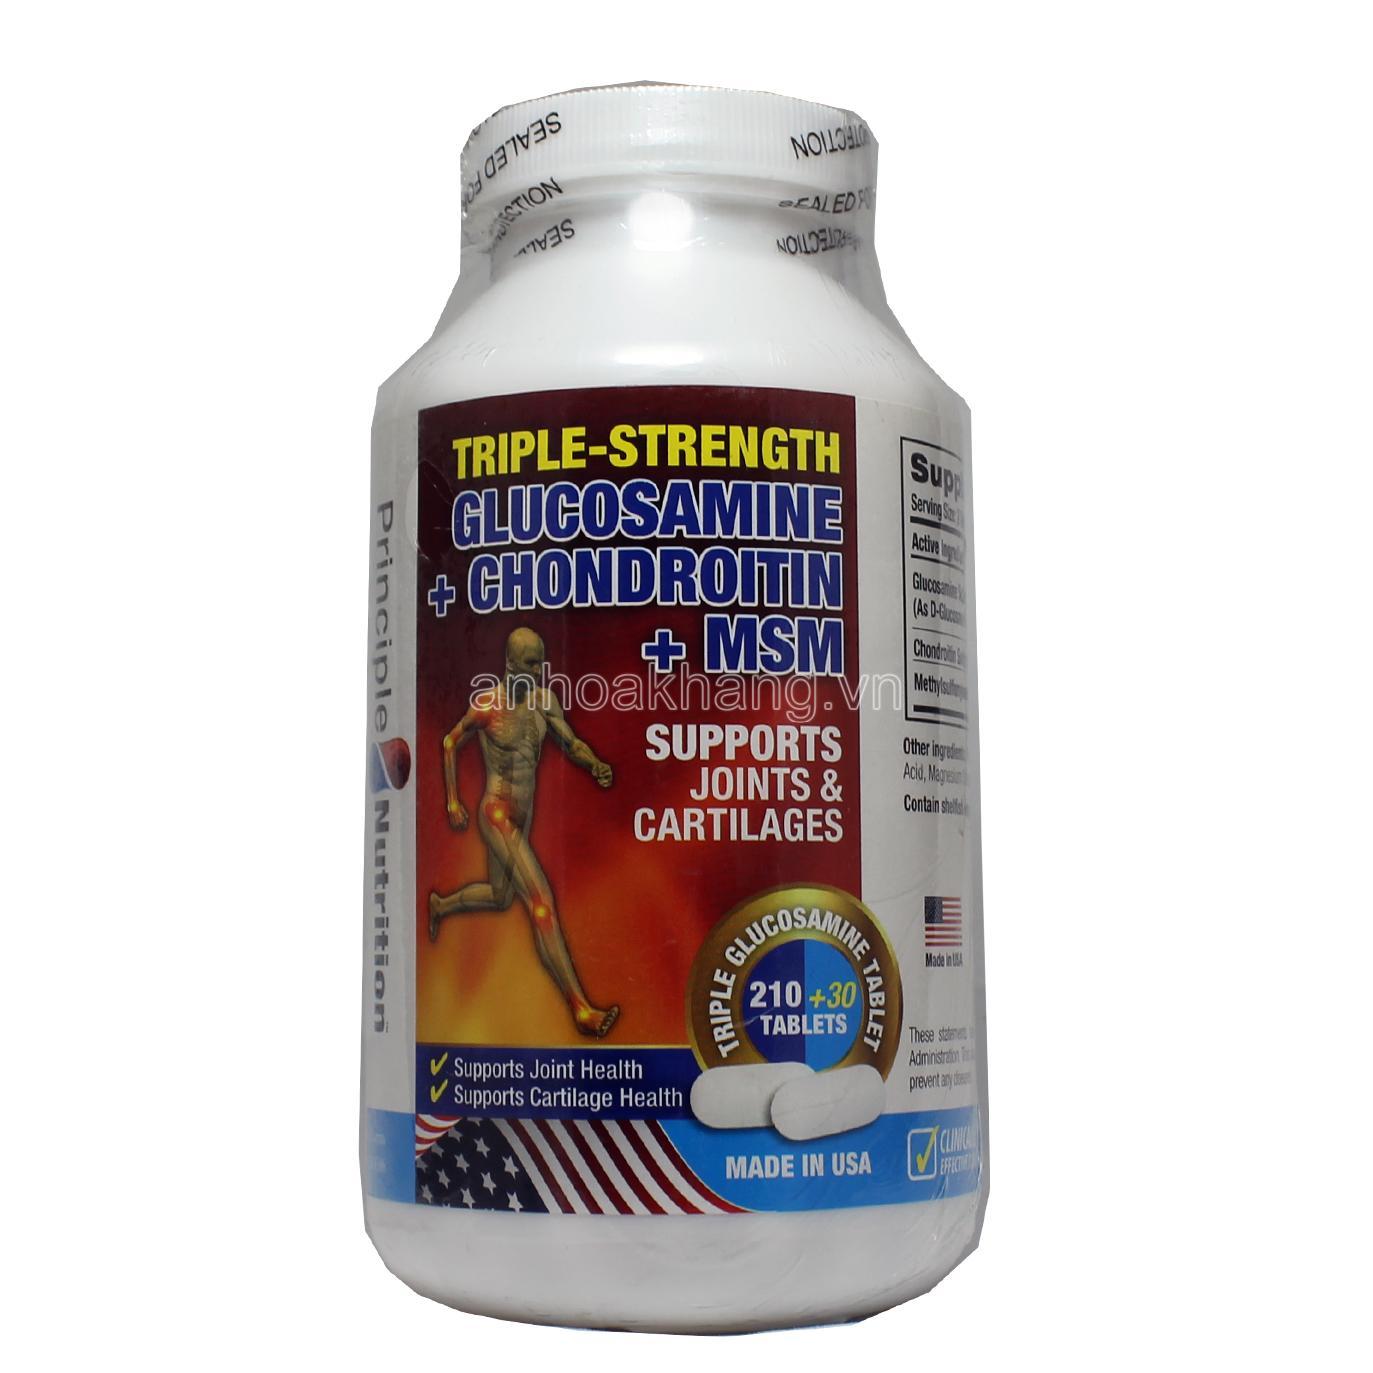 Giá Bán Principle Nutrition Triple Strength Glucosamine Chondroitin Msm Vien Hỗ Trợ Va Phục Hồi Chức Năng Xương Khớp Nguyên An Hòa Khang